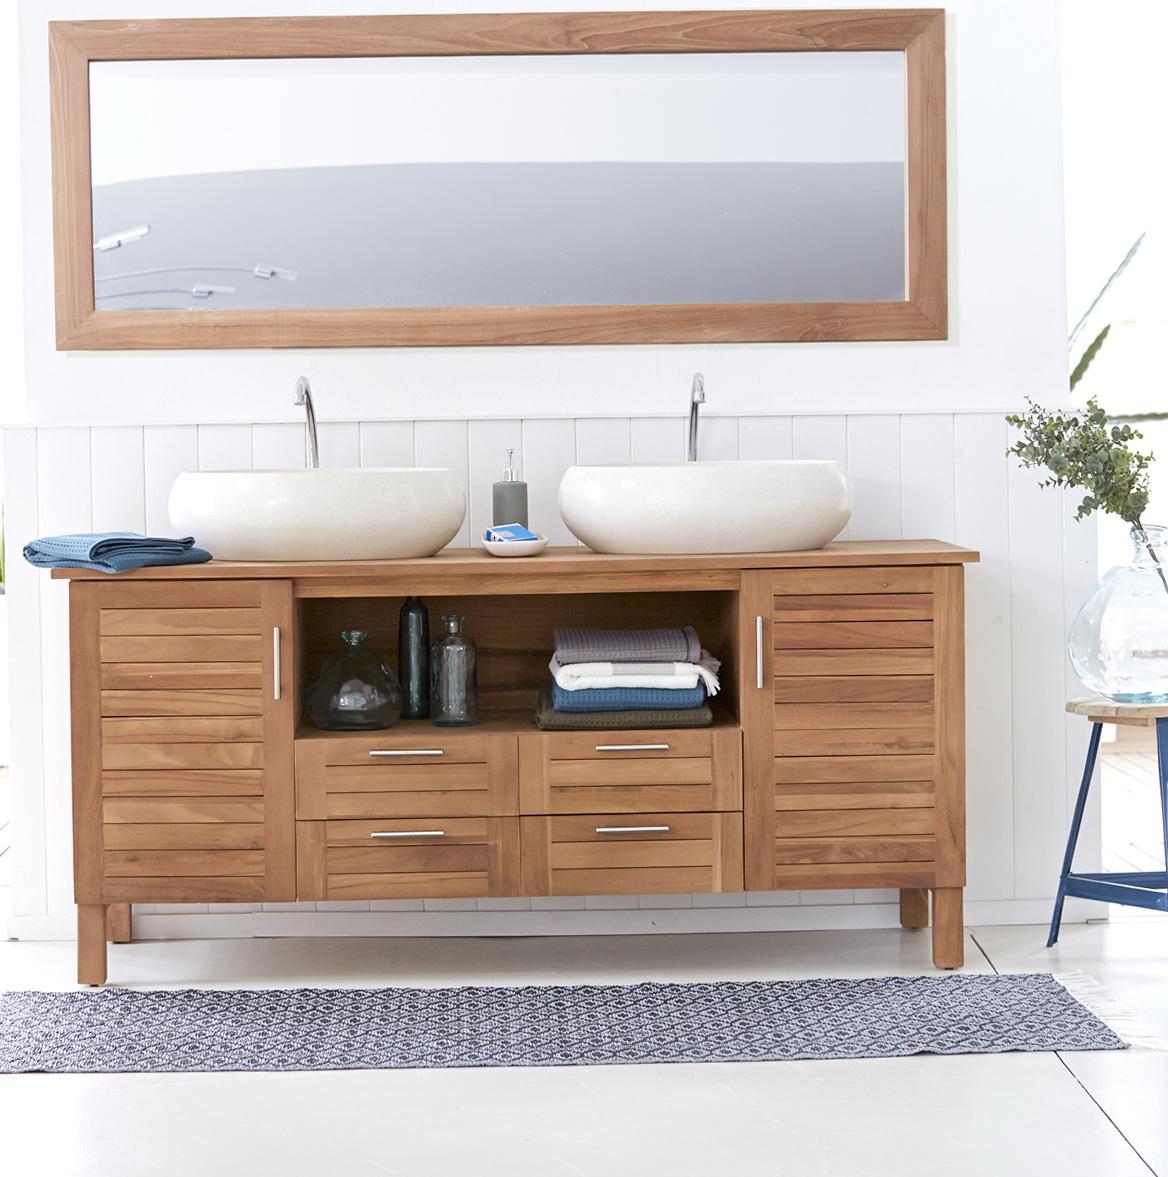 Teak Bathroom Vanity Uk